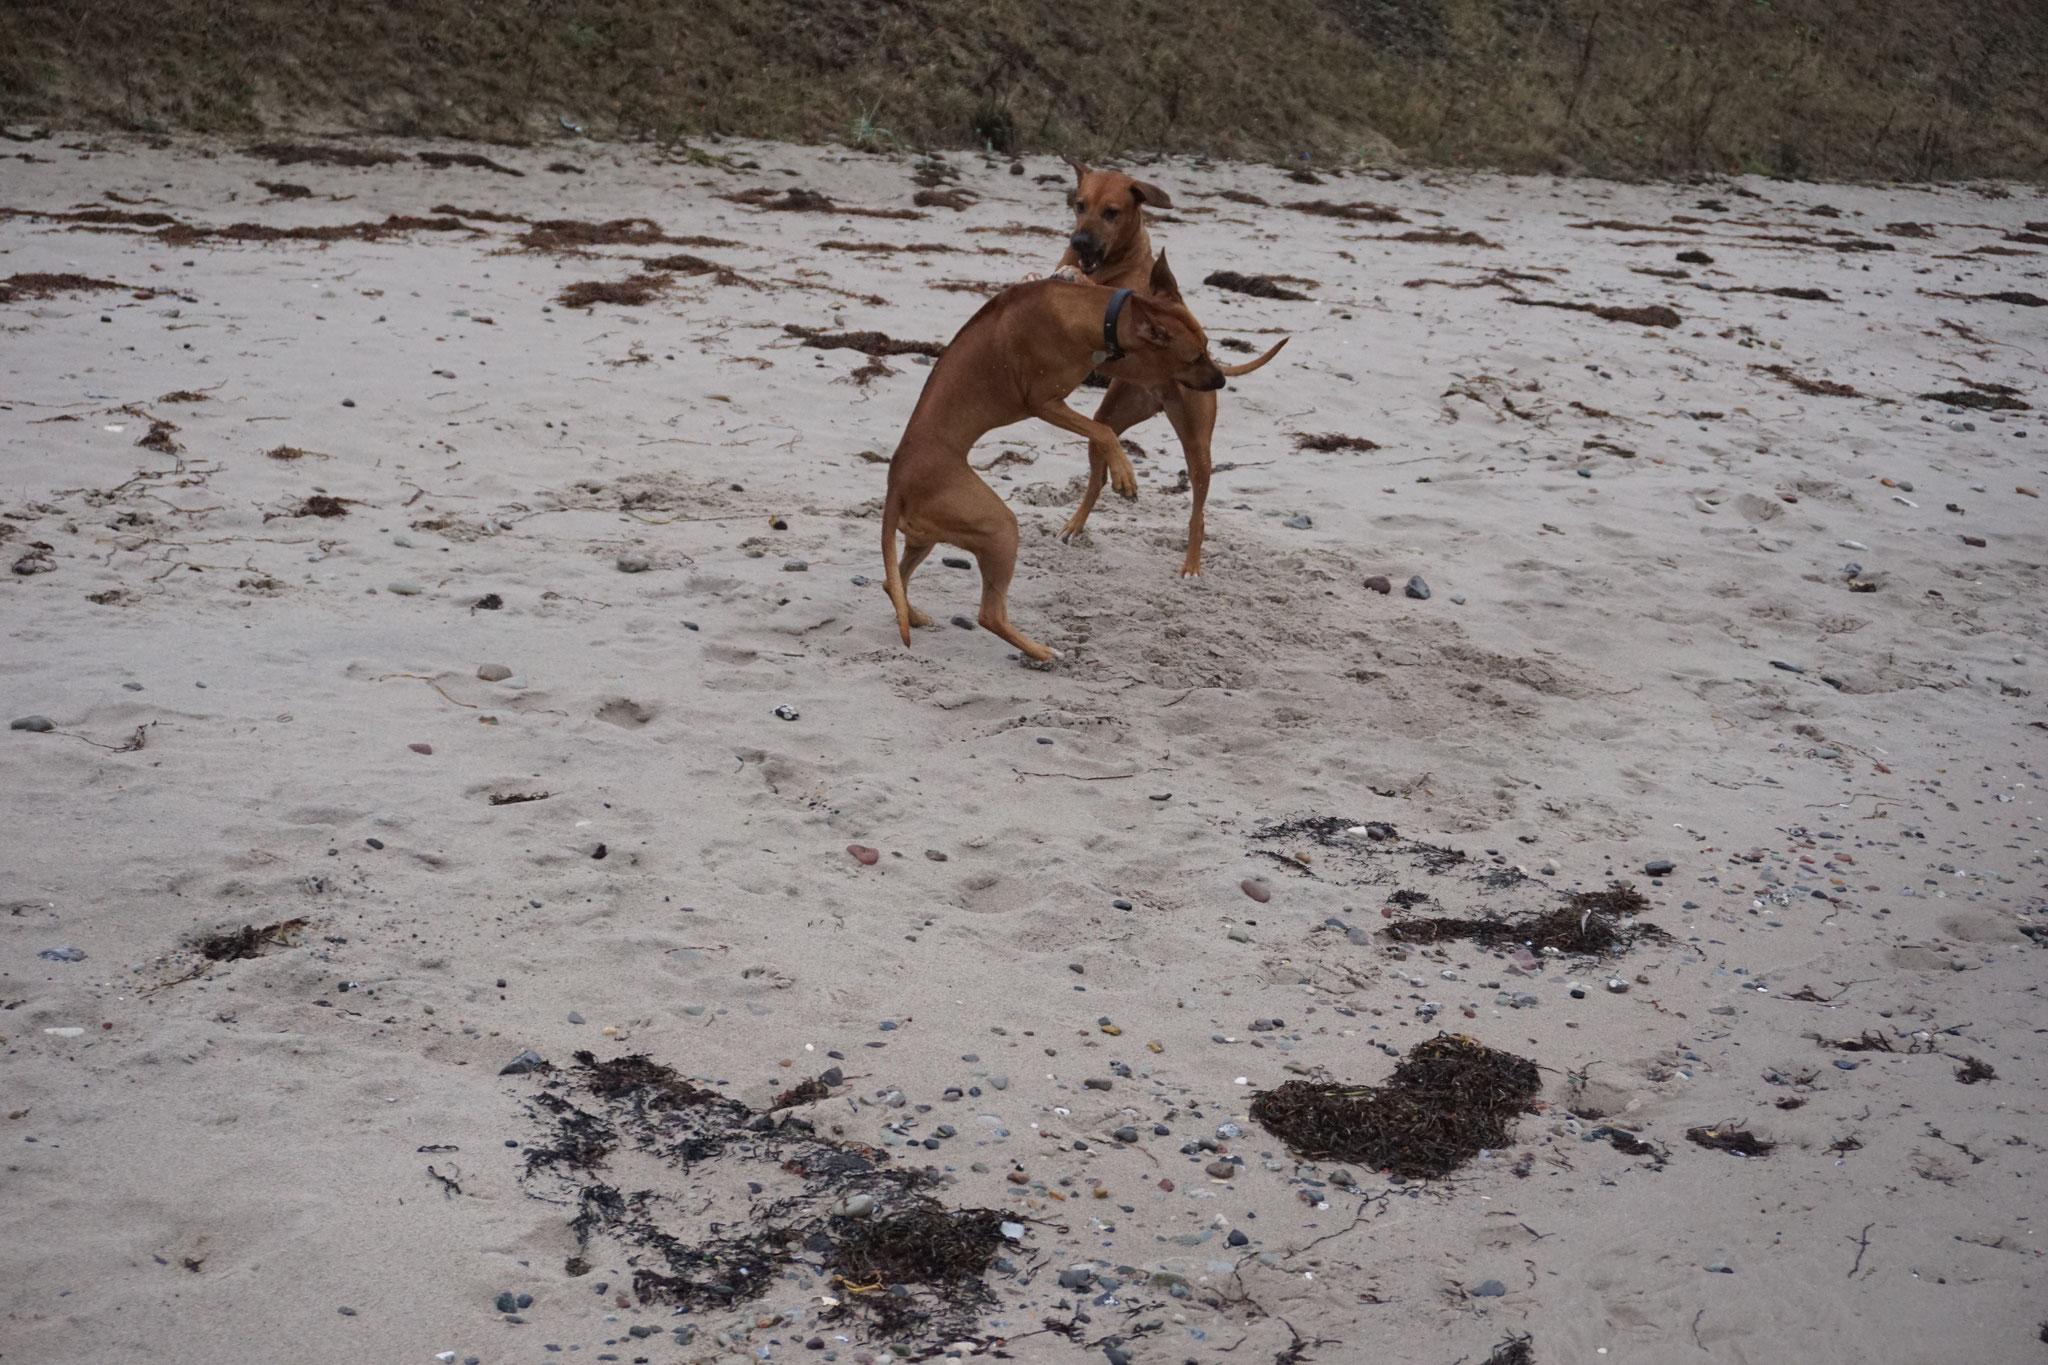 Trommeln fällt im Sand schwer.